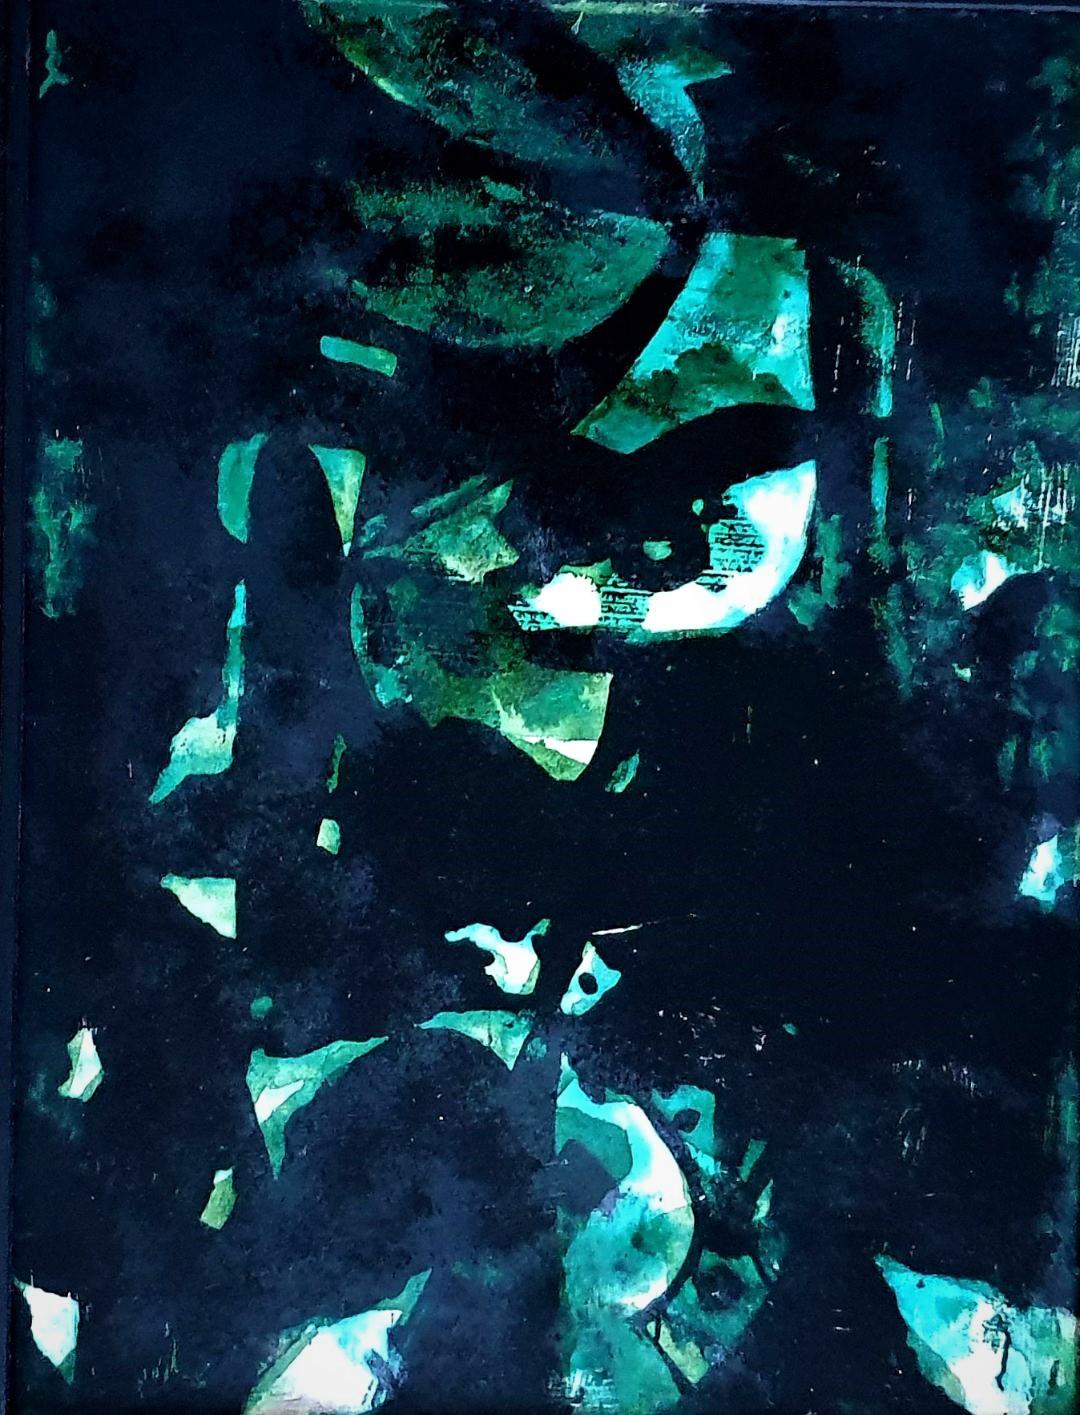 artist mani nejad featured in blackqube magazine